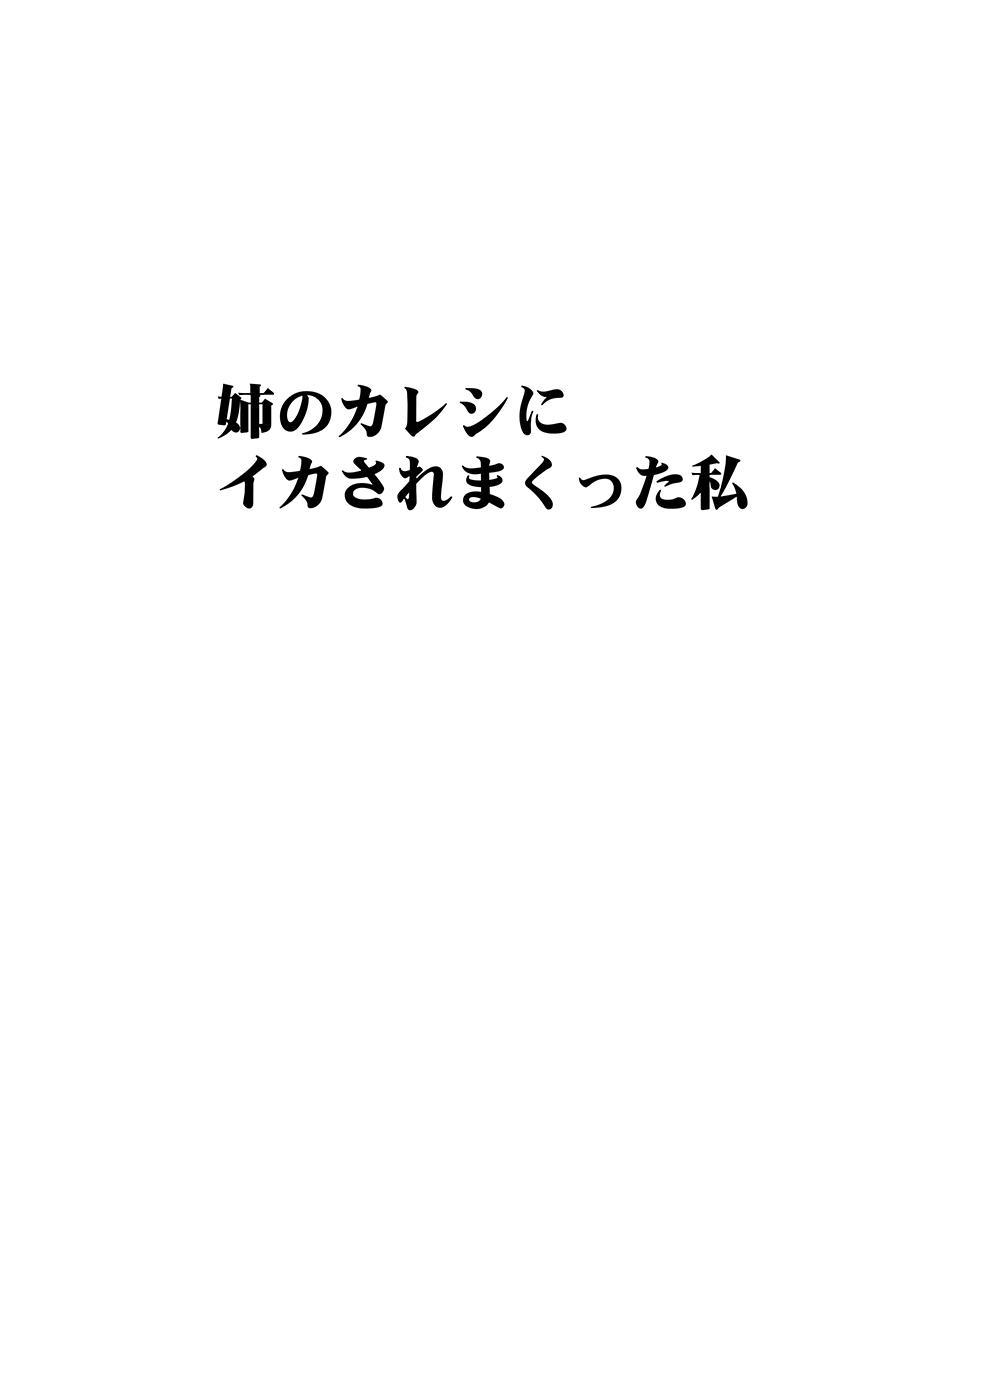 Ane no Kareshi ni Osaetsukerare Muriyari Mune ya Asoko o Sawarare... 5